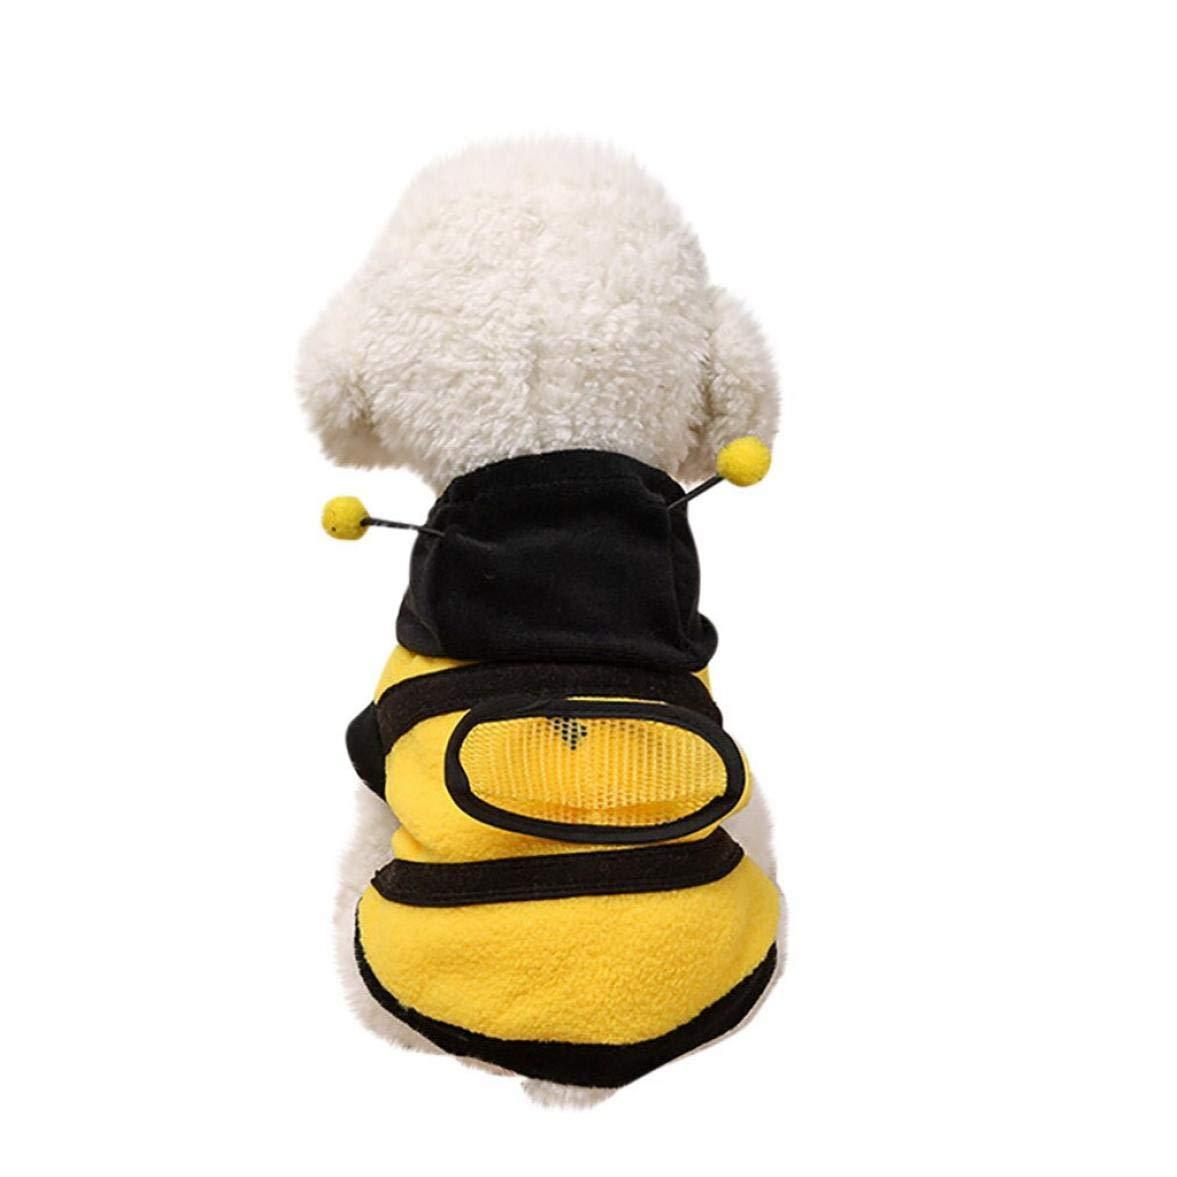 Onsinic 1x S Pet Dog Carino Bumble Bee Amabili Ali Cane Domestico del Gatto del Cane Vestiti Coat